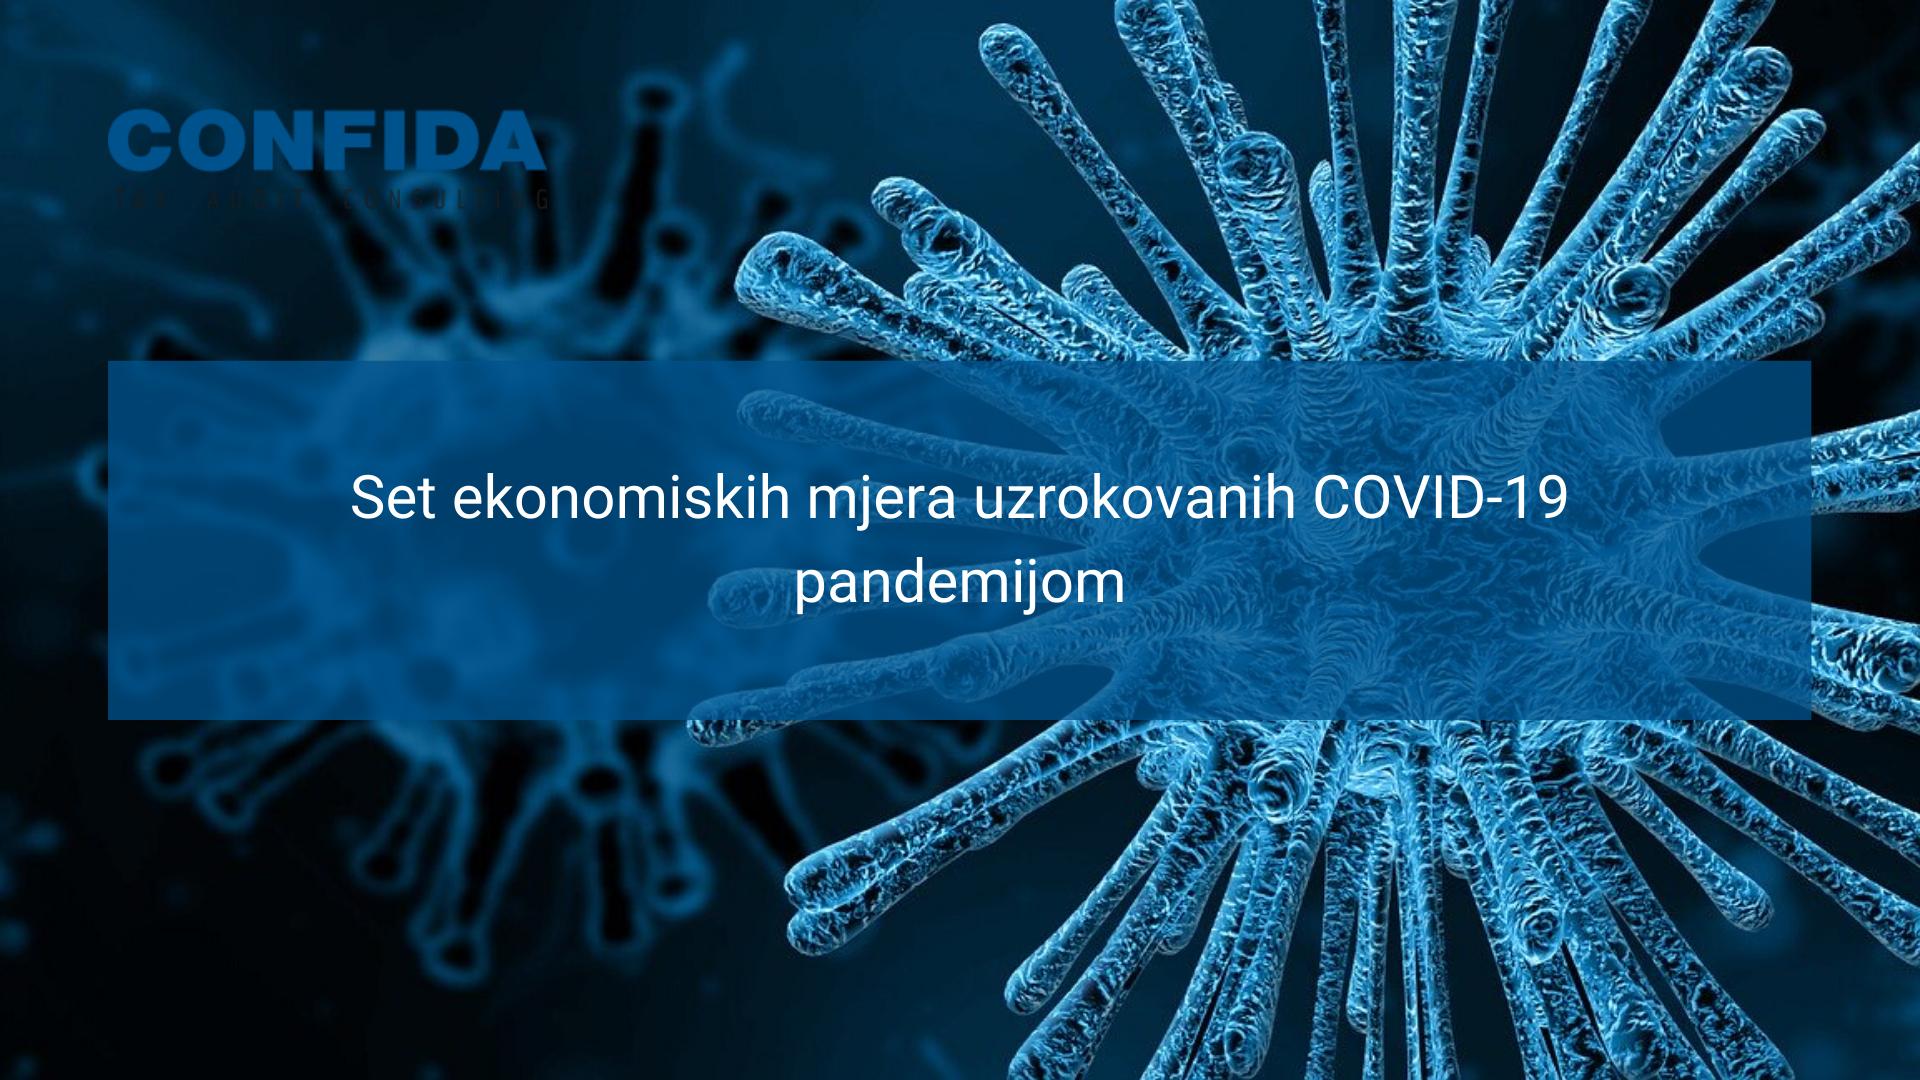 Set ekonomskih mjera uzrokovanih COVID-19 pandemijom